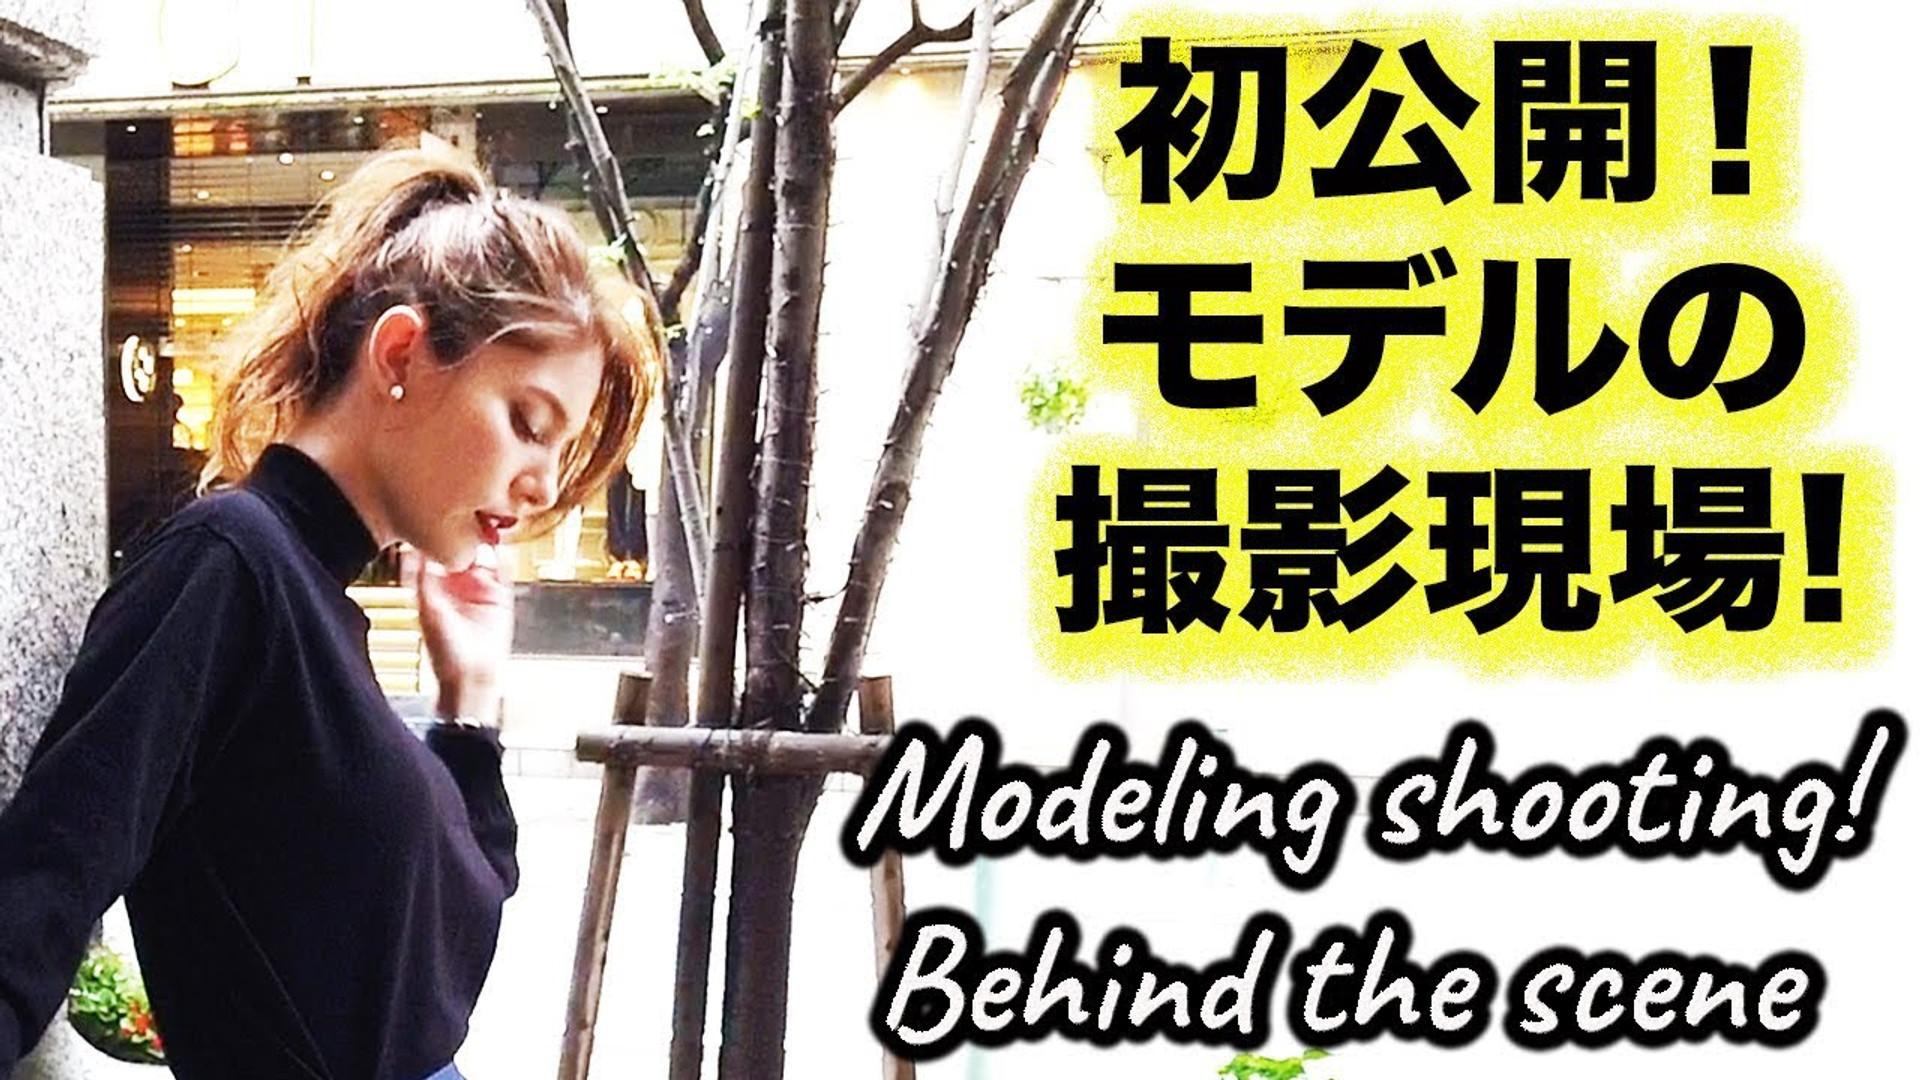 モデルの撮影現場(Youtube)Behind the scene